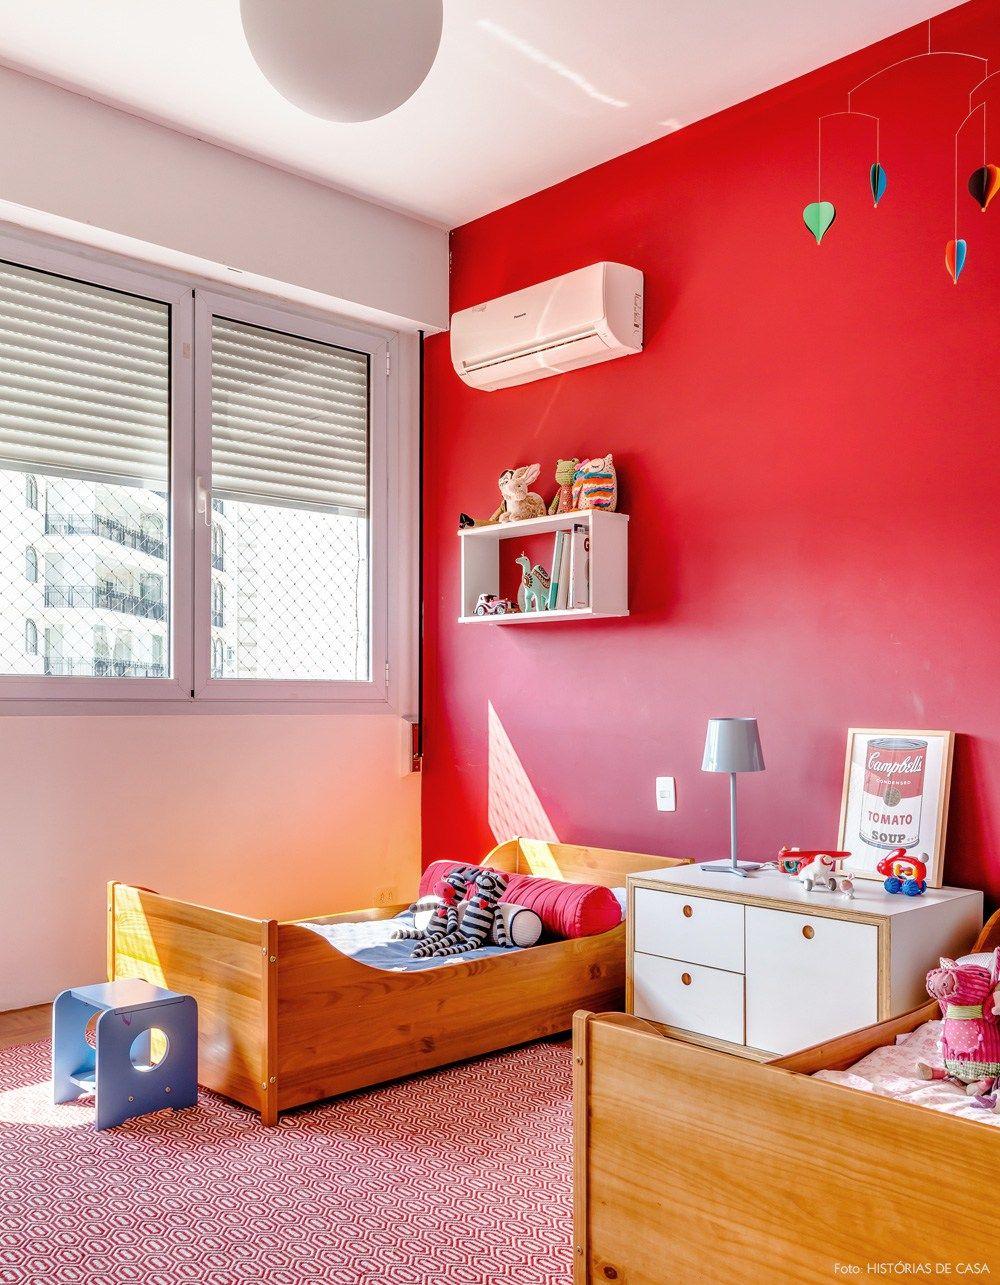 Olhar Minimalista Room And House ~ Tapetes Para Quarto De Menino E Foto Na Parede Do Quarto